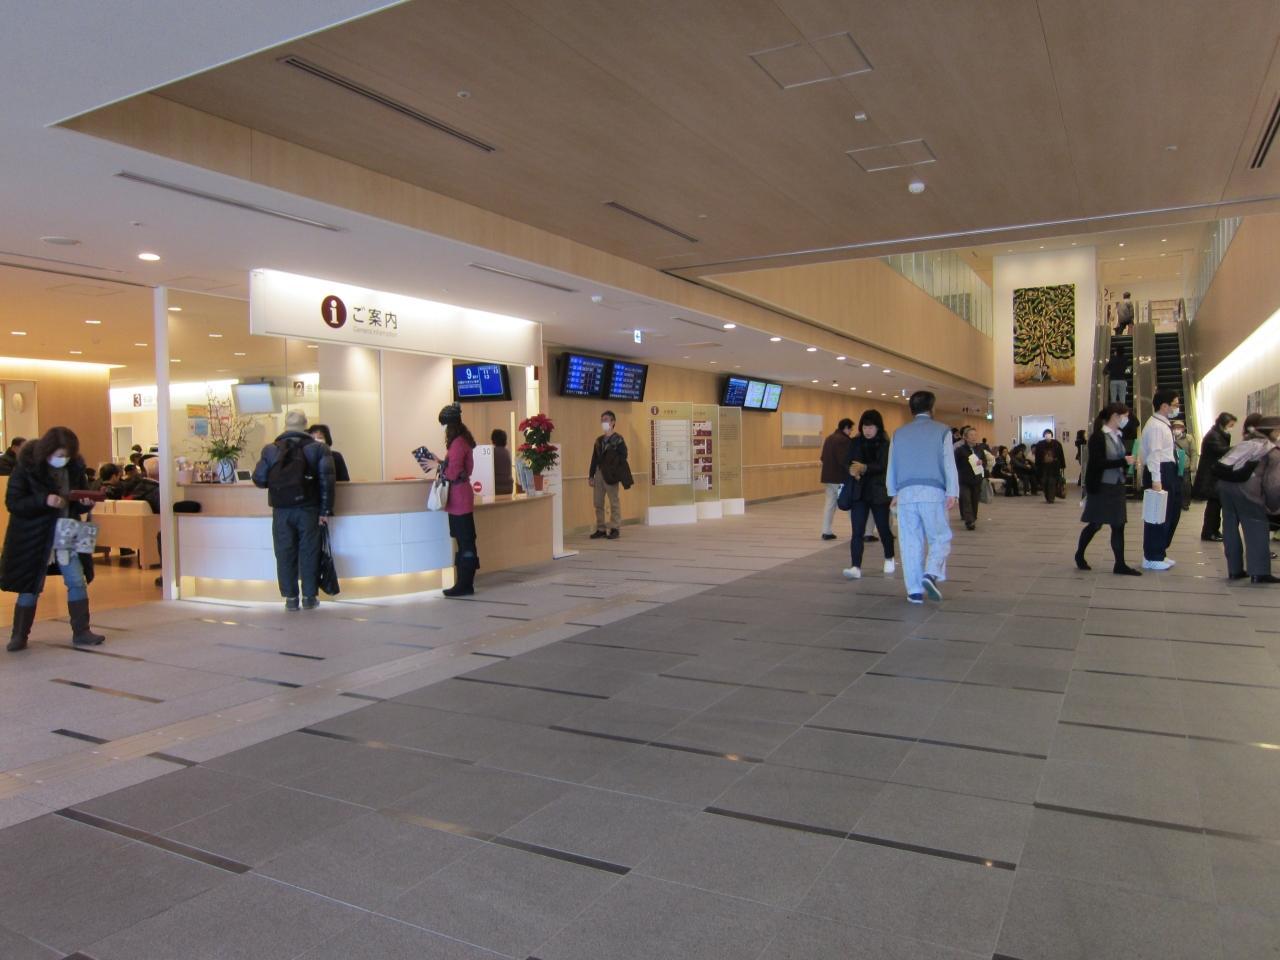 「神奈川県立がんセンター ロビー」の画像検索結果